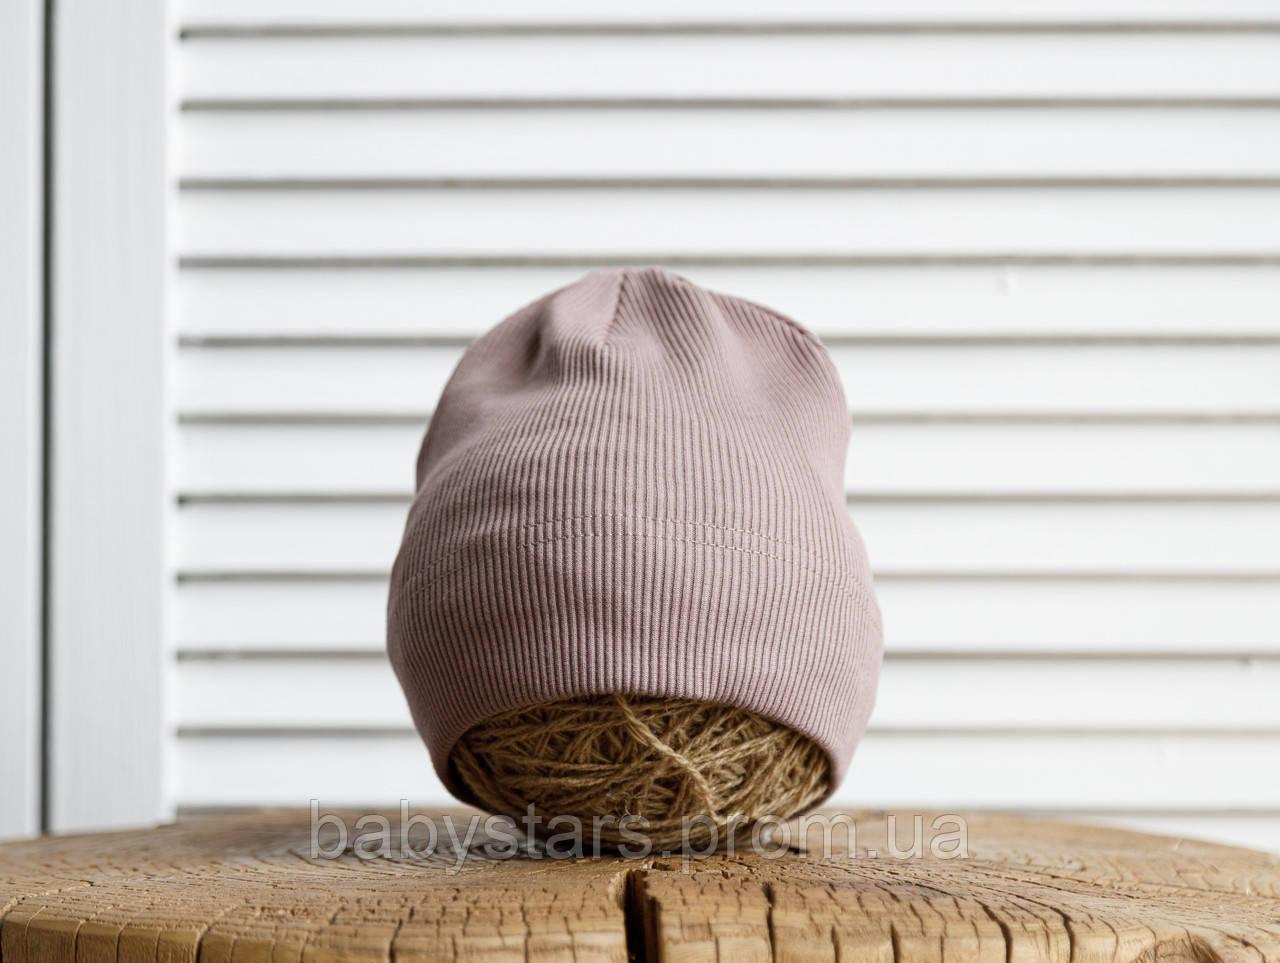 """Детская однослойная шапка """"Tabby"""", капучино от 42 до 54 см"""